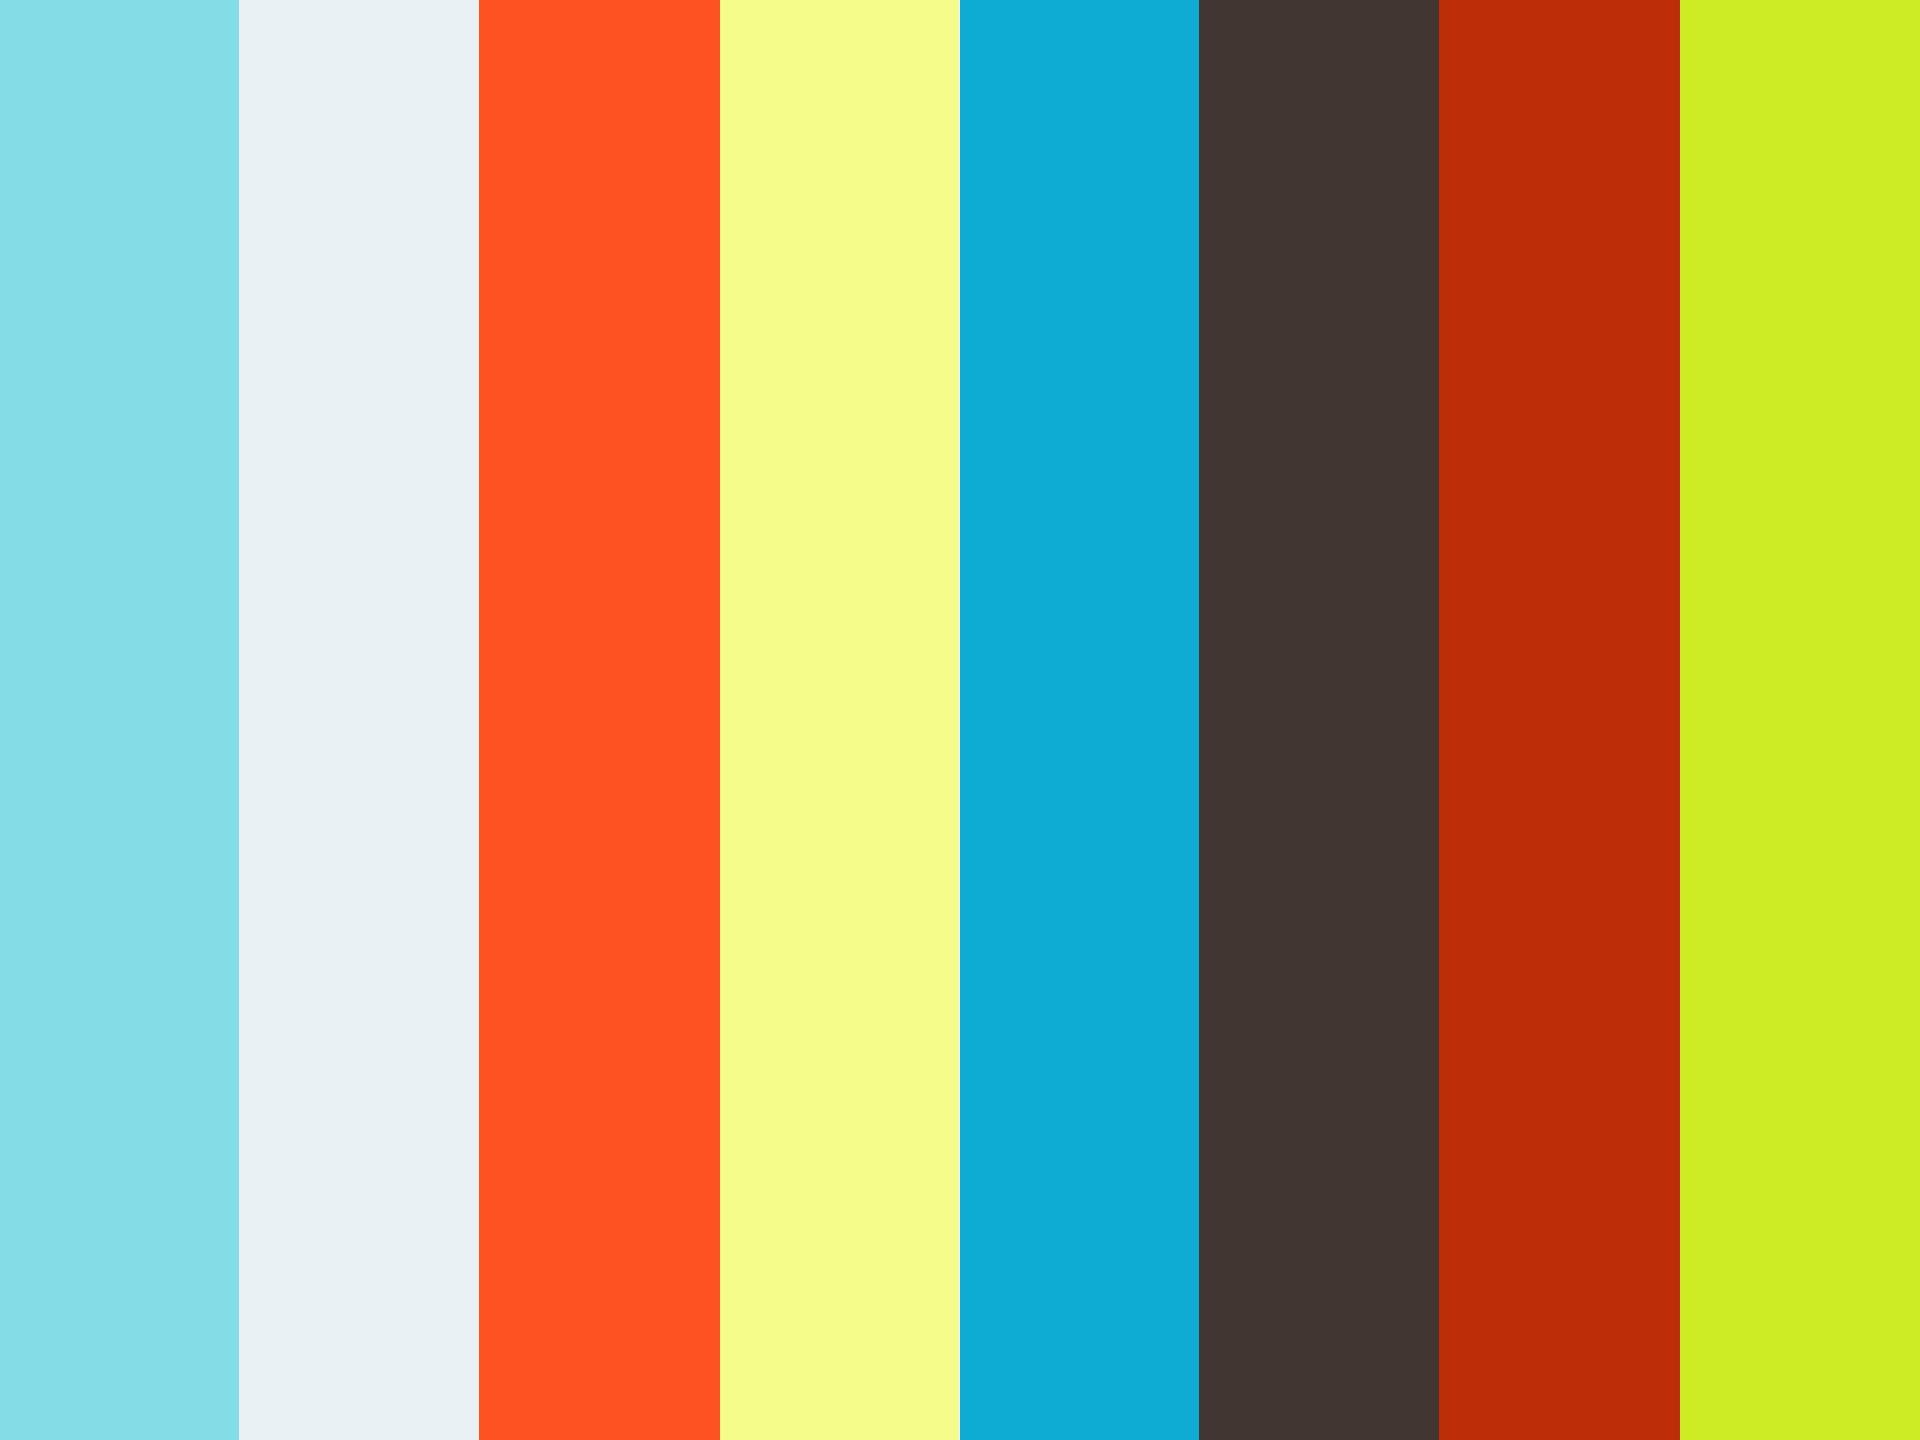 確実な色合わせを行うためのシェード伝達 仮想試適 #2 画像合成試適の必要条件